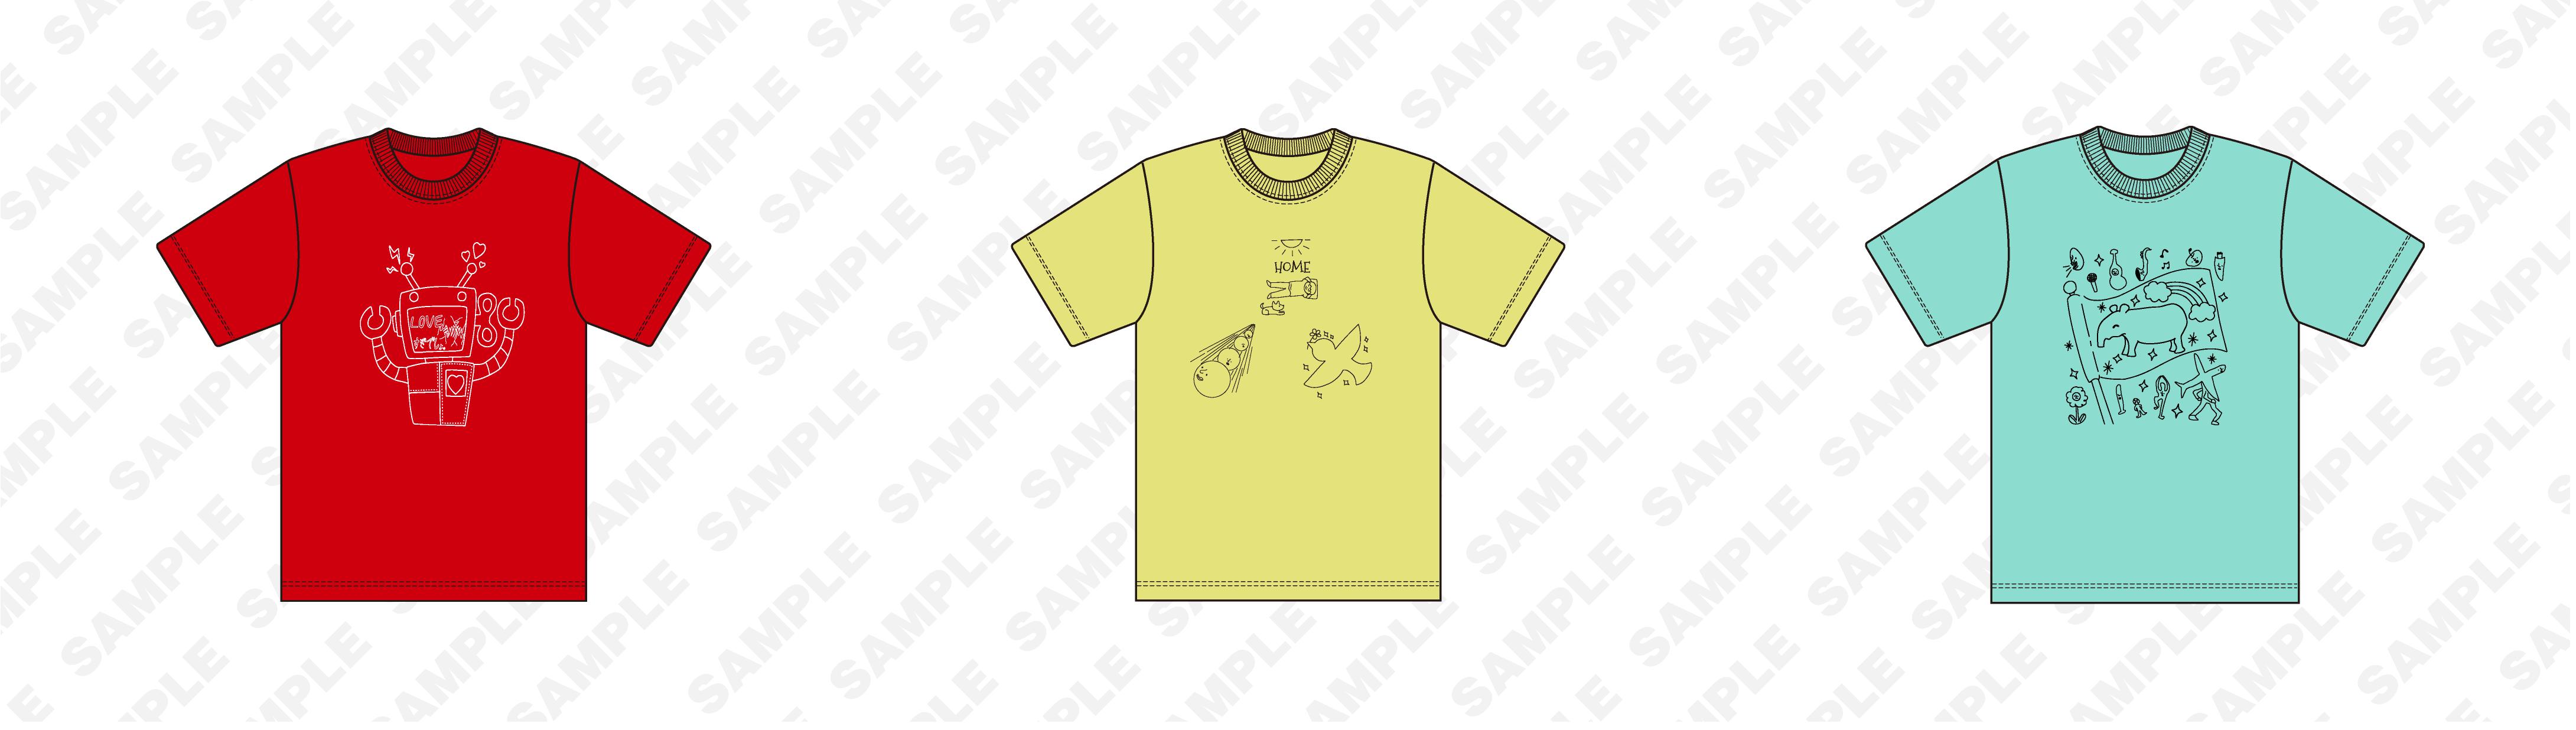 【夢Tシャツ】寺島惇太・仲村宗悟・高塚智人 デザイン_俺T